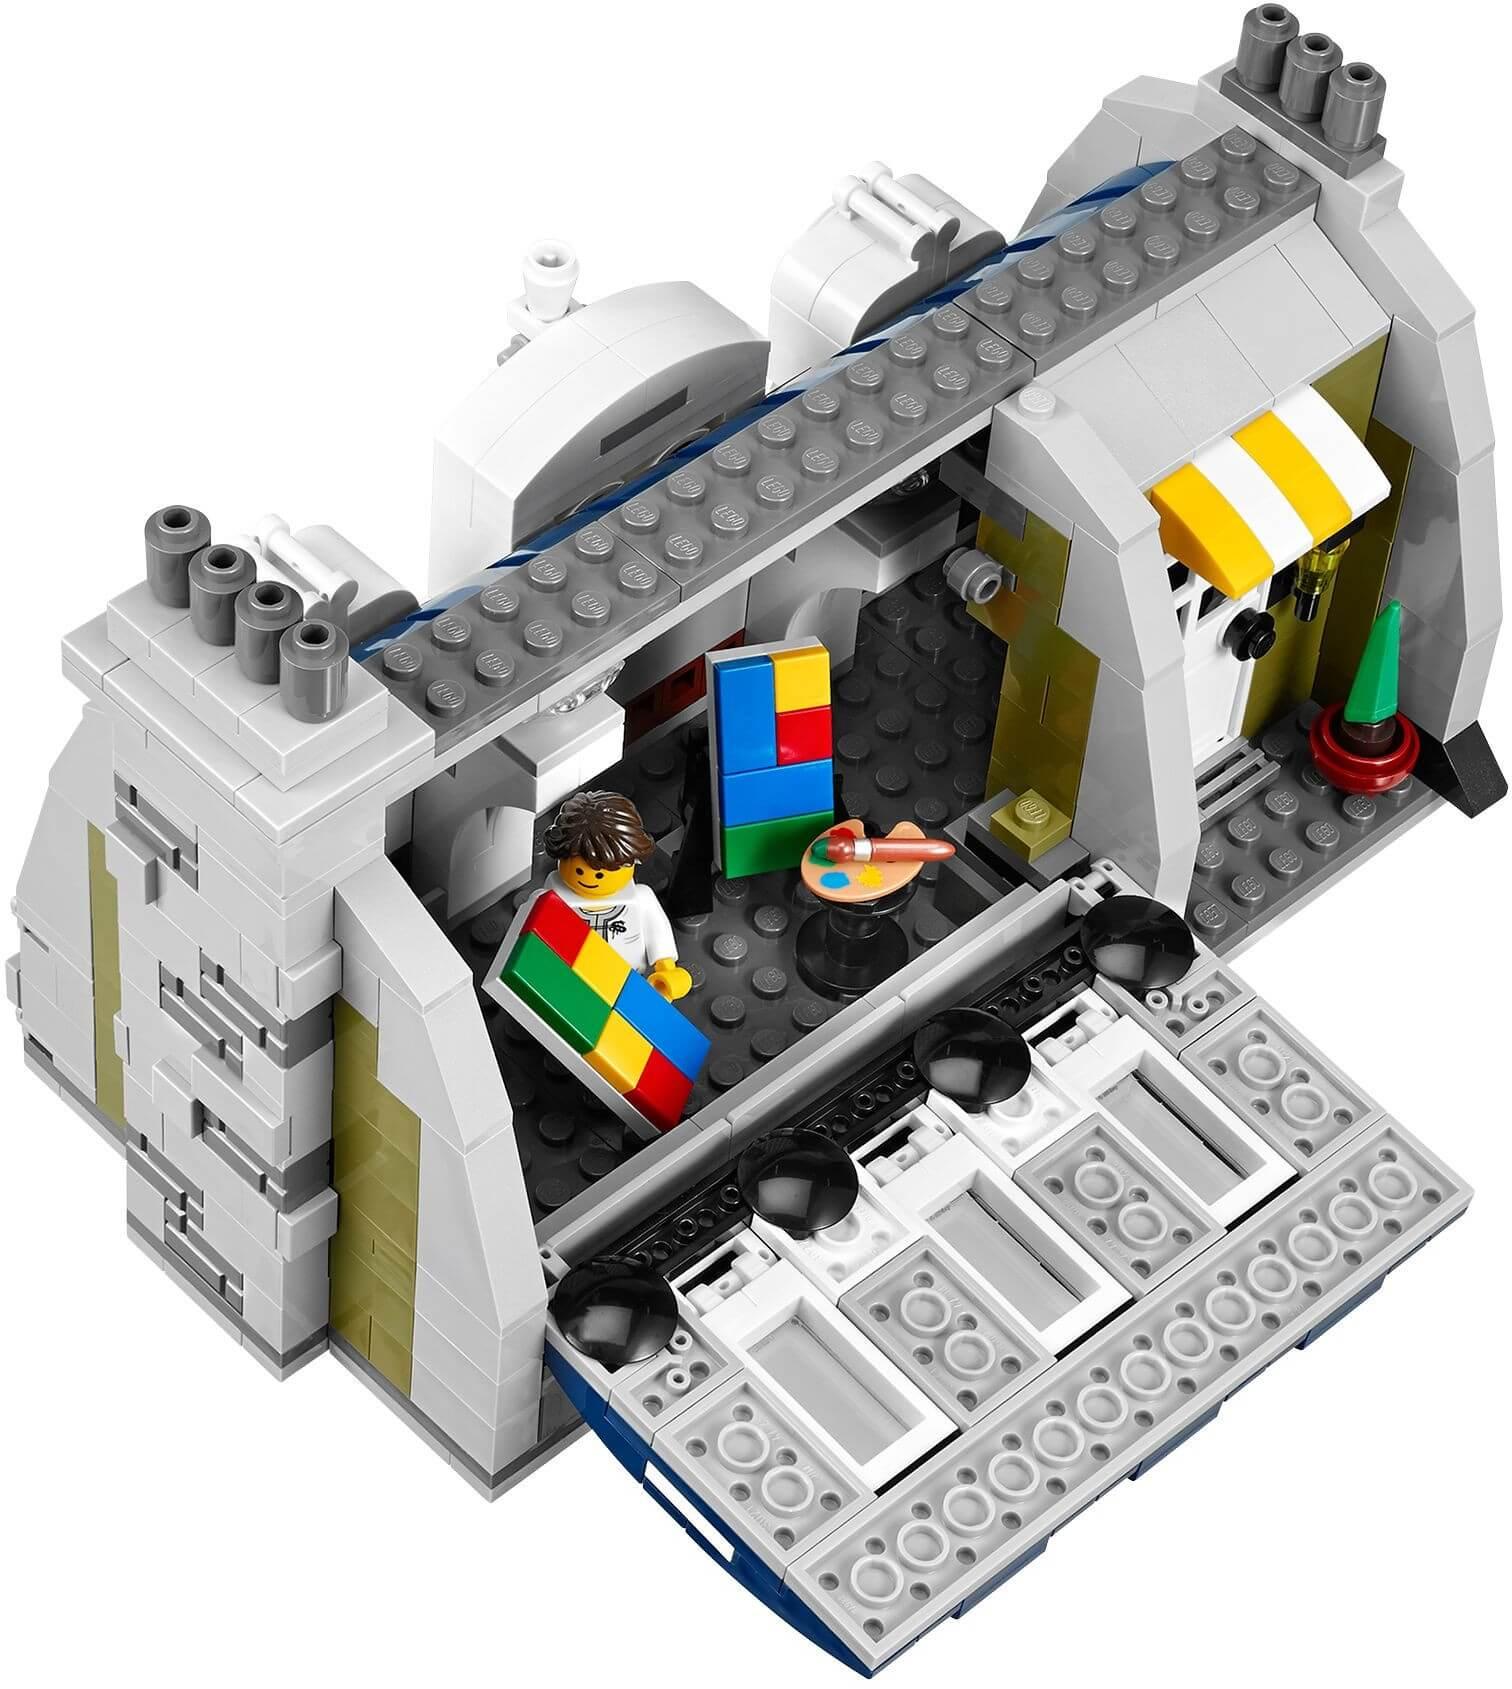 Mua đồ chơi LEGO 10243 - LEGO Creator Expert 10243 - Mô hình cao cấp Nhà hàng Pháp ở Paris (LEGO Creator Expert Parisian Restaurant 10243)